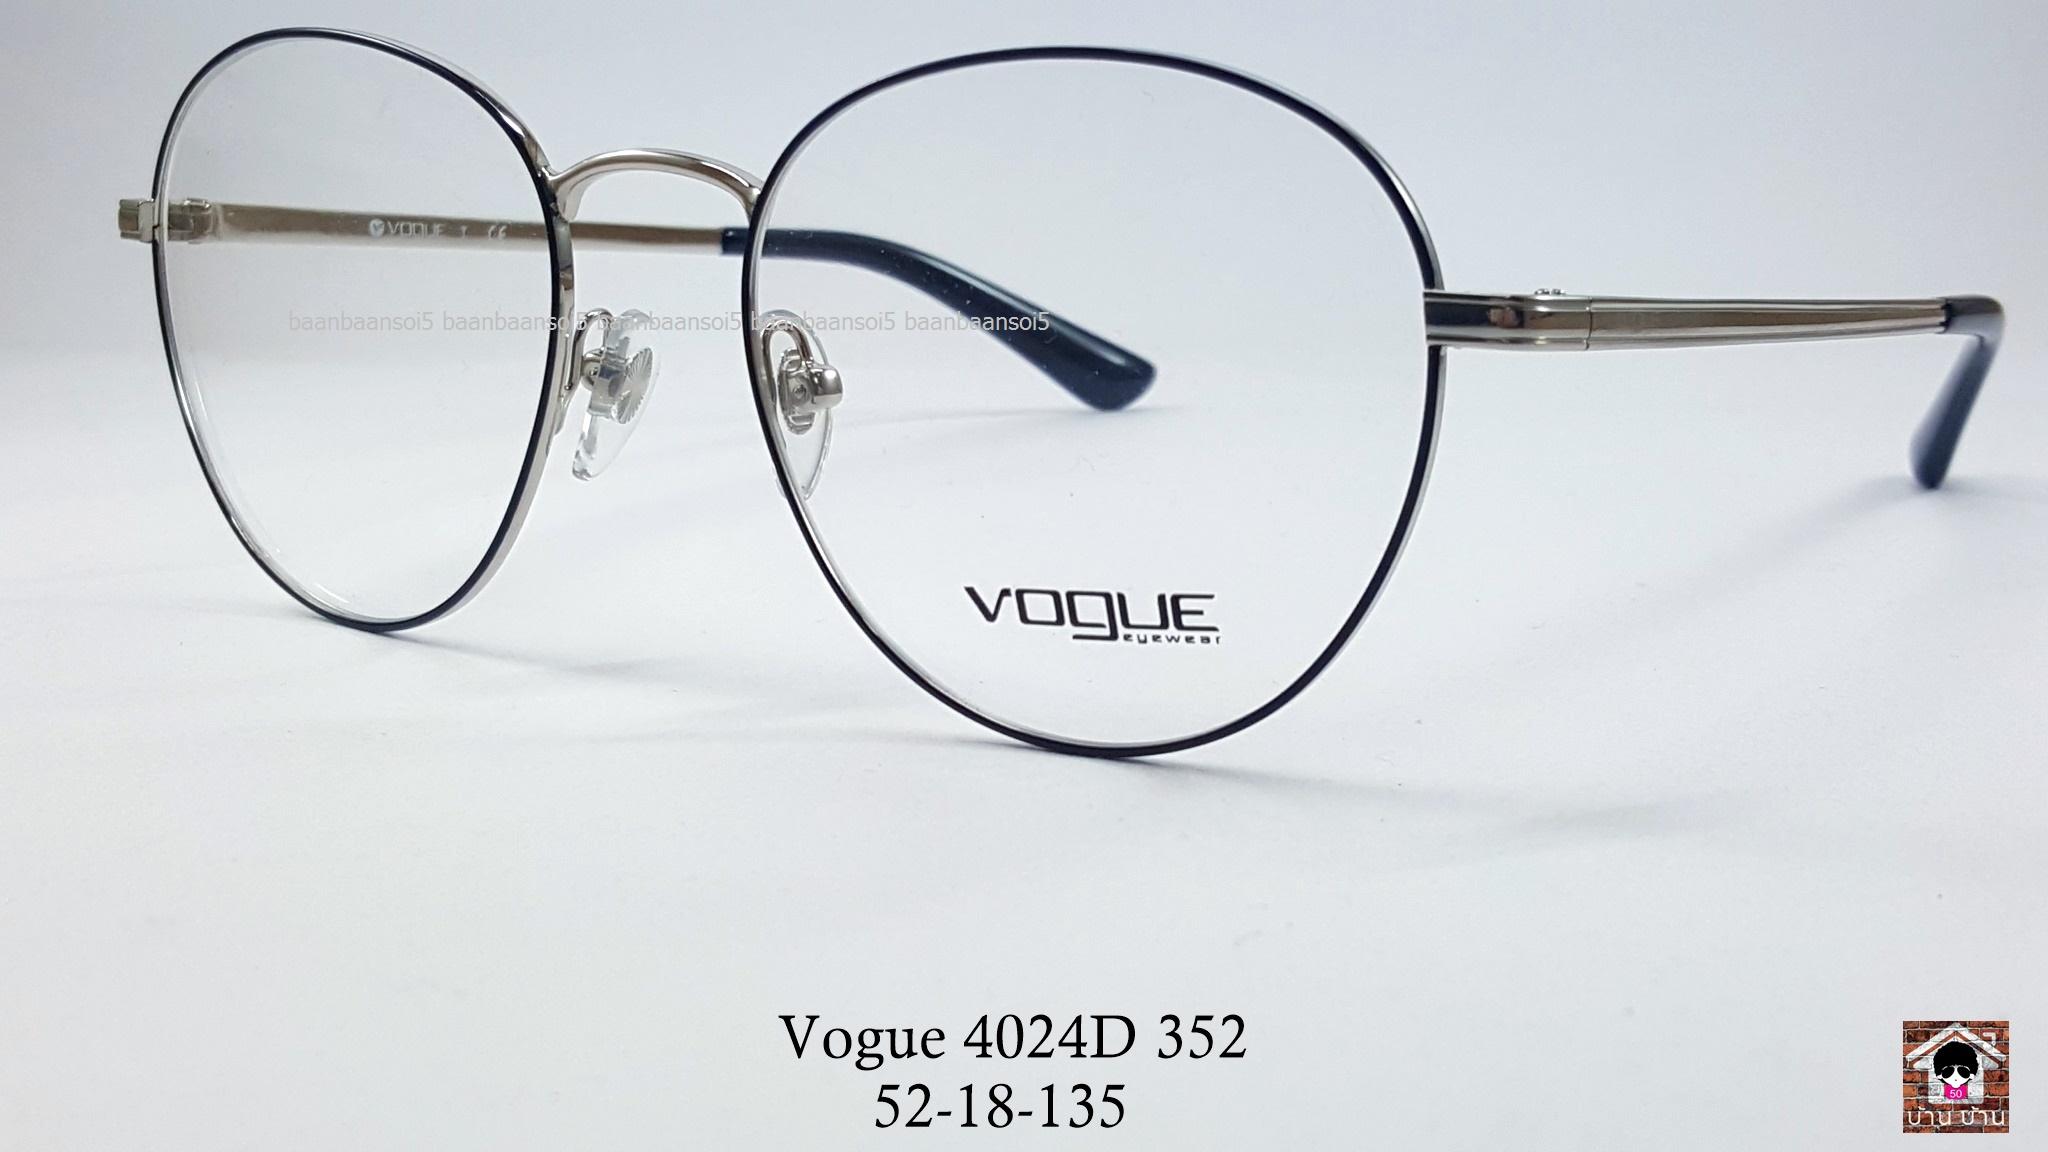 Vogue vo 4024D 352 โปรโมชั่น กรอบแว่นตาพร้อมเลนส์ HOYA ราคา 2,900 บาท